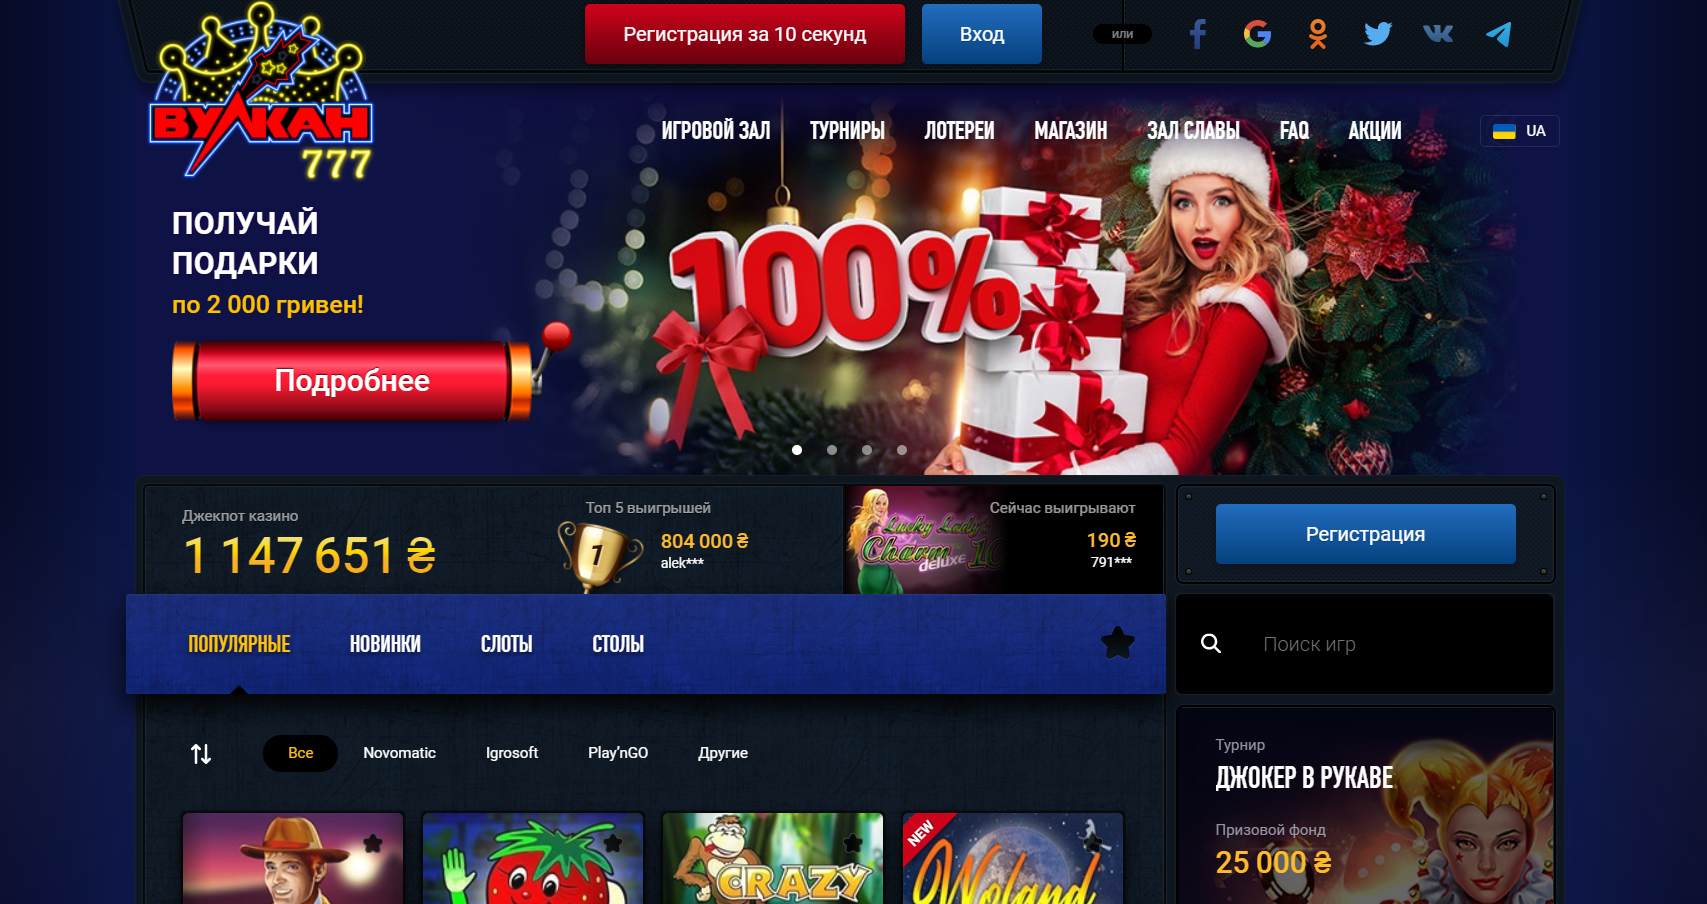 Ассортимент игр от лучших провайдеров на официальном сайте Вулкан 777